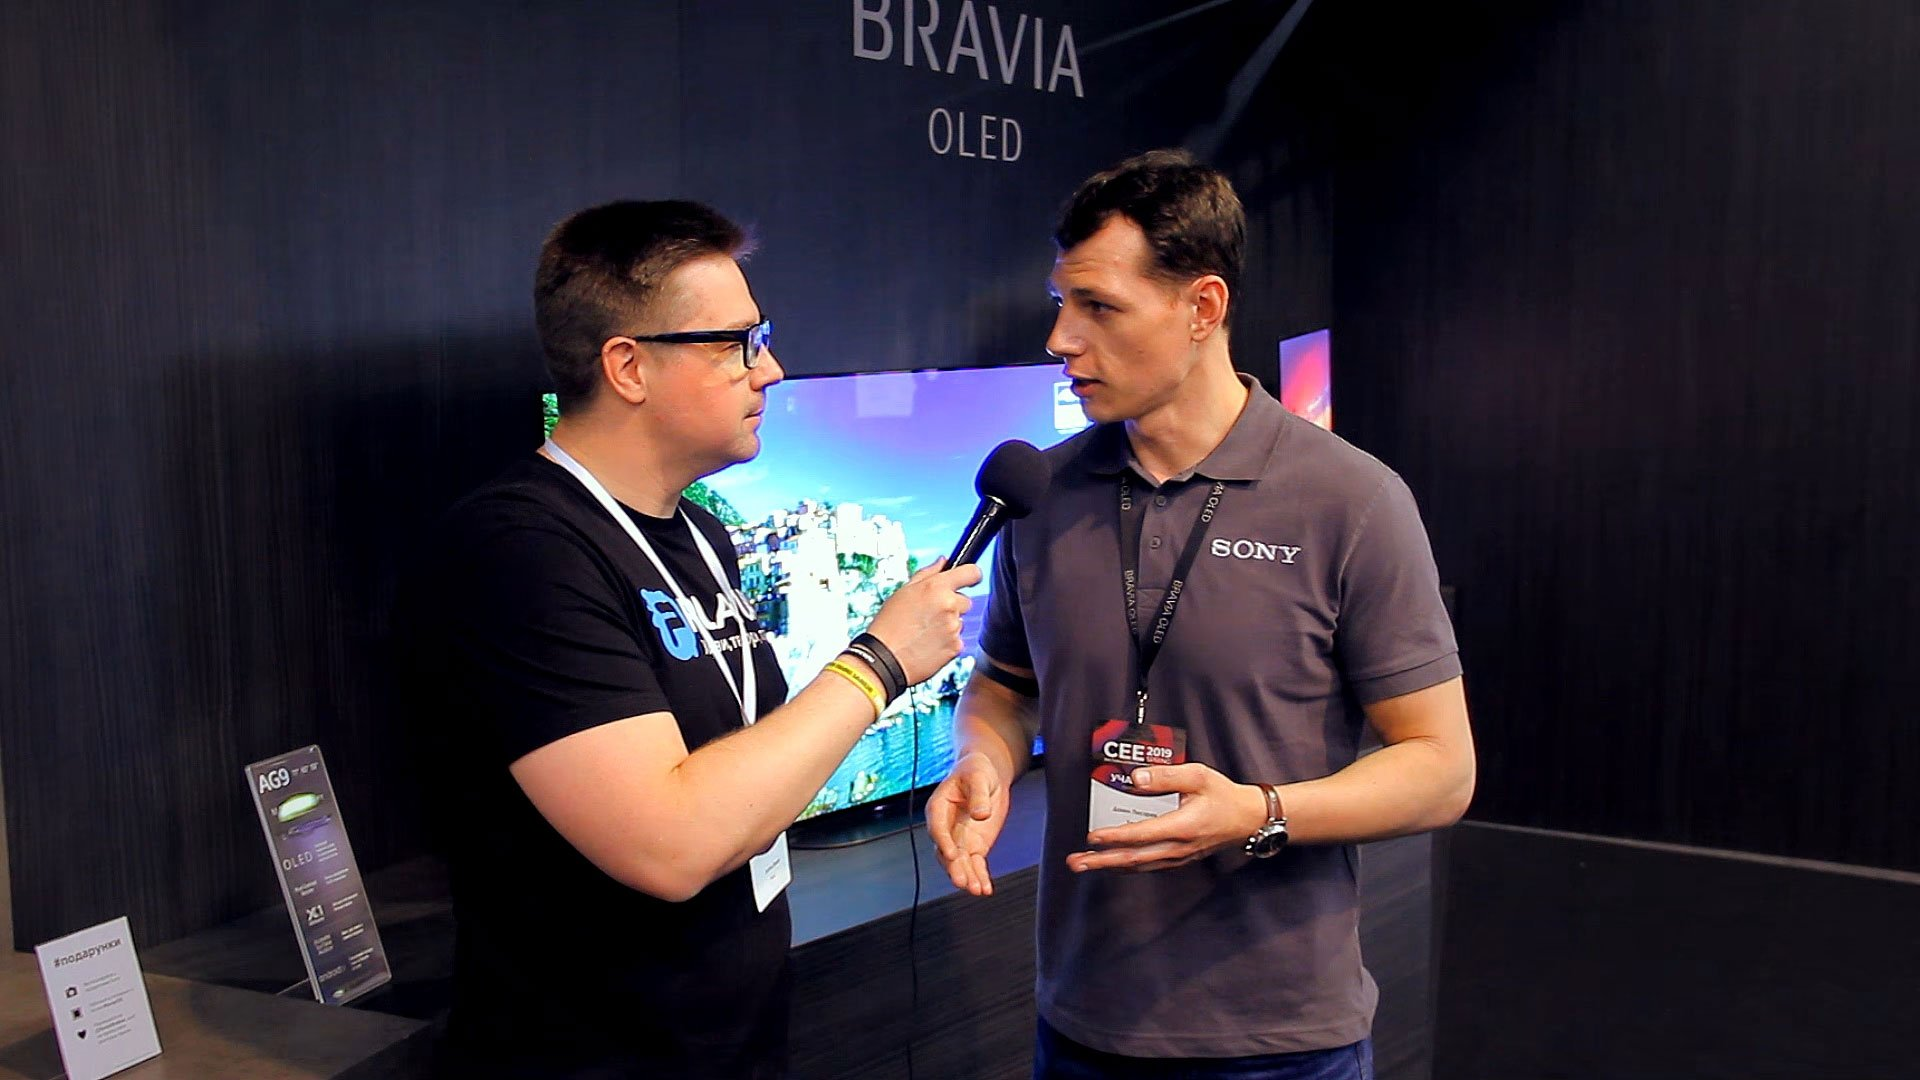 Sony Україна, що нового? Репортаж з CEE 2019